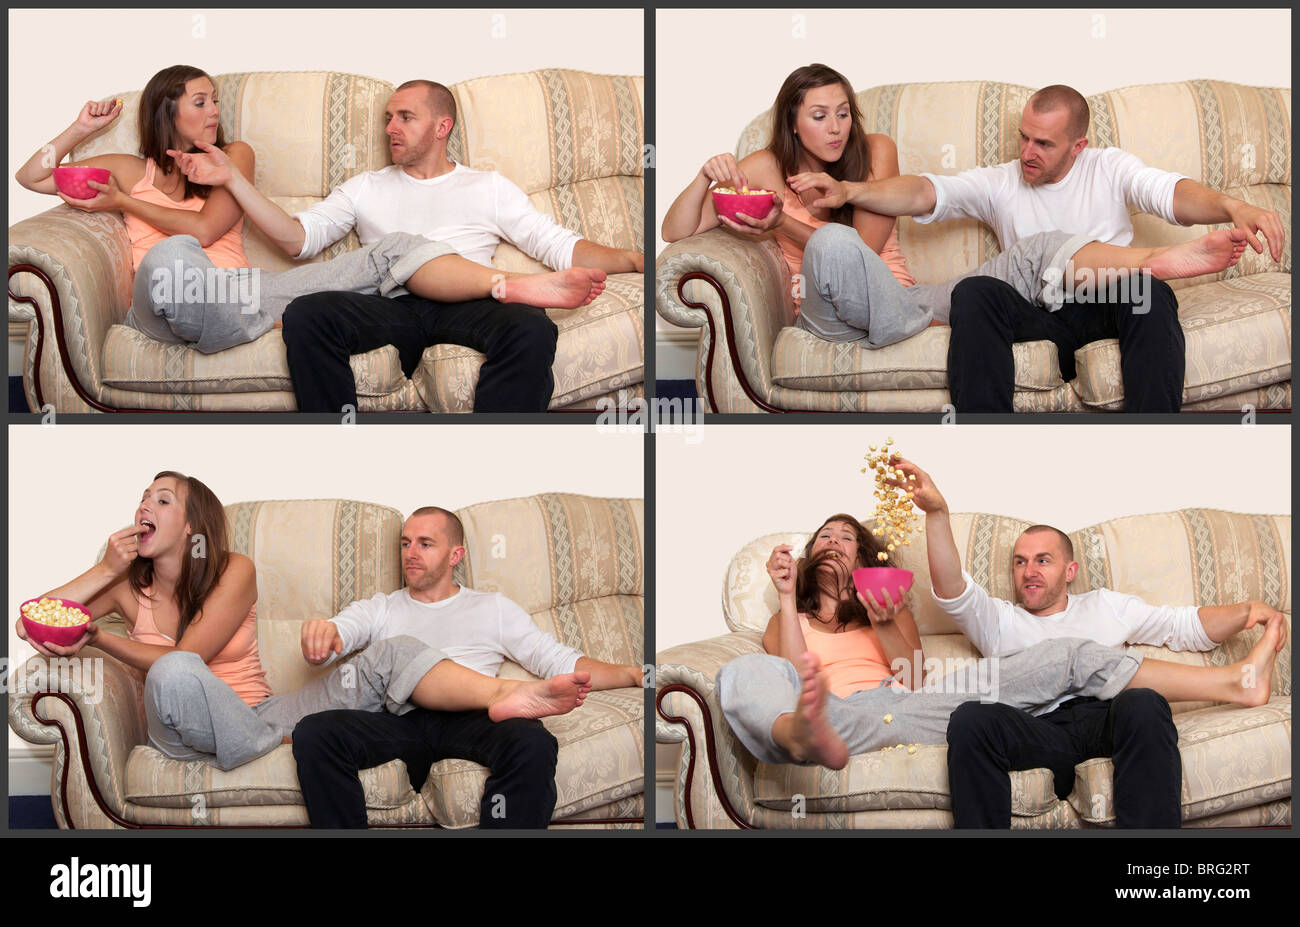 Una secuencia que muestra un hombre finalmente cosquilleo de una mujer en el sofá con el fin de llegar a las palomitas de maíz que se niega a compartir con él! Foto de stock